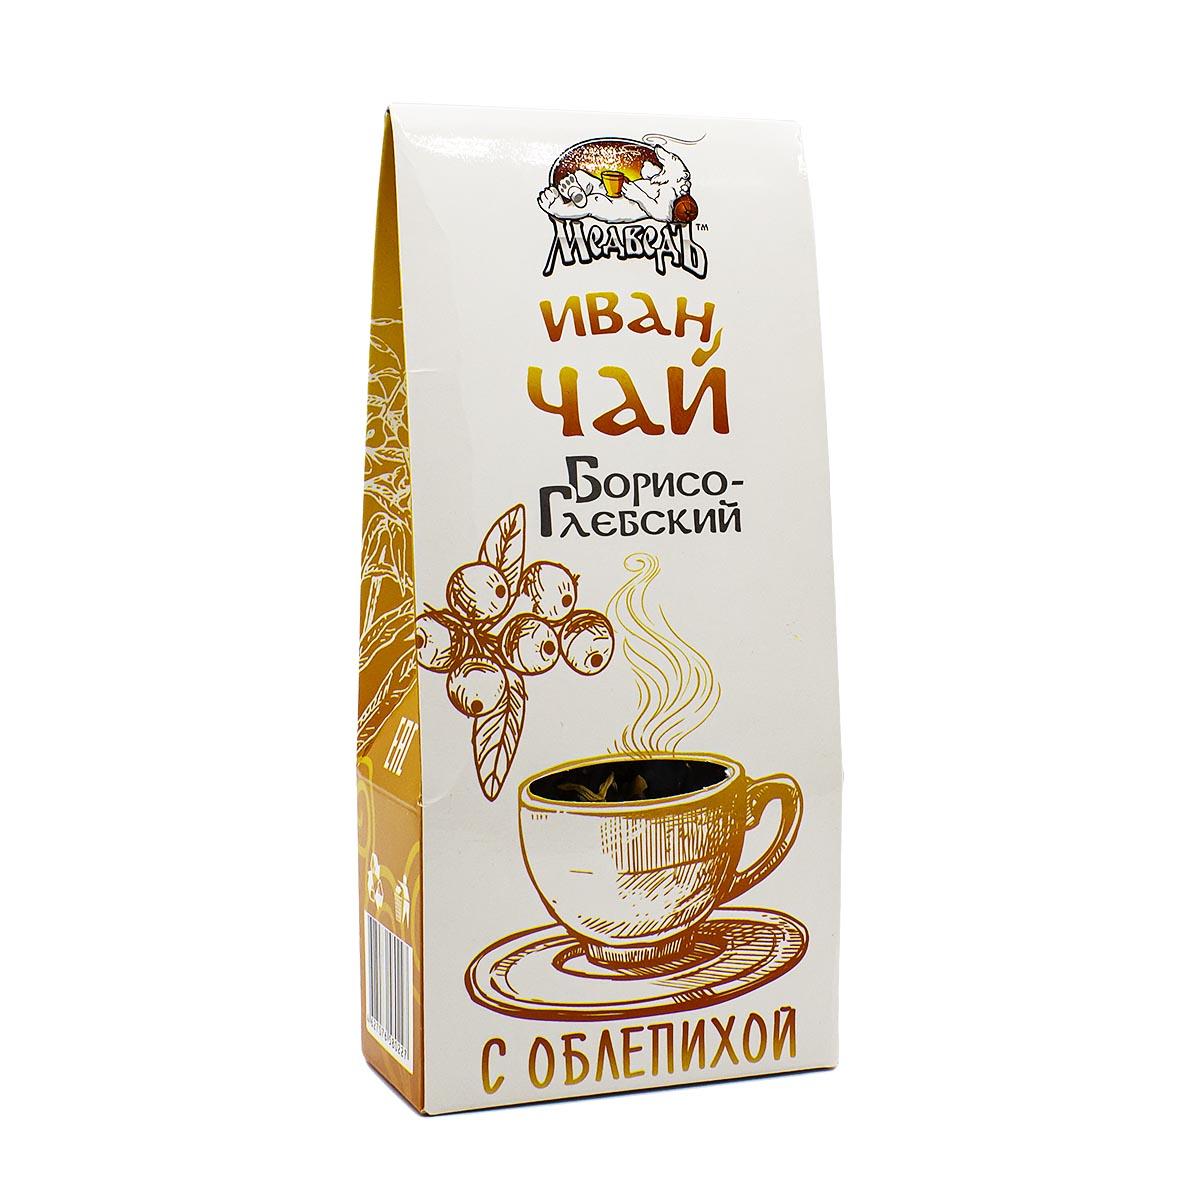 Фото - Иван-чай Борисоглебский с облепихой, 50 г иван чай ферментированный пачка 50 гр